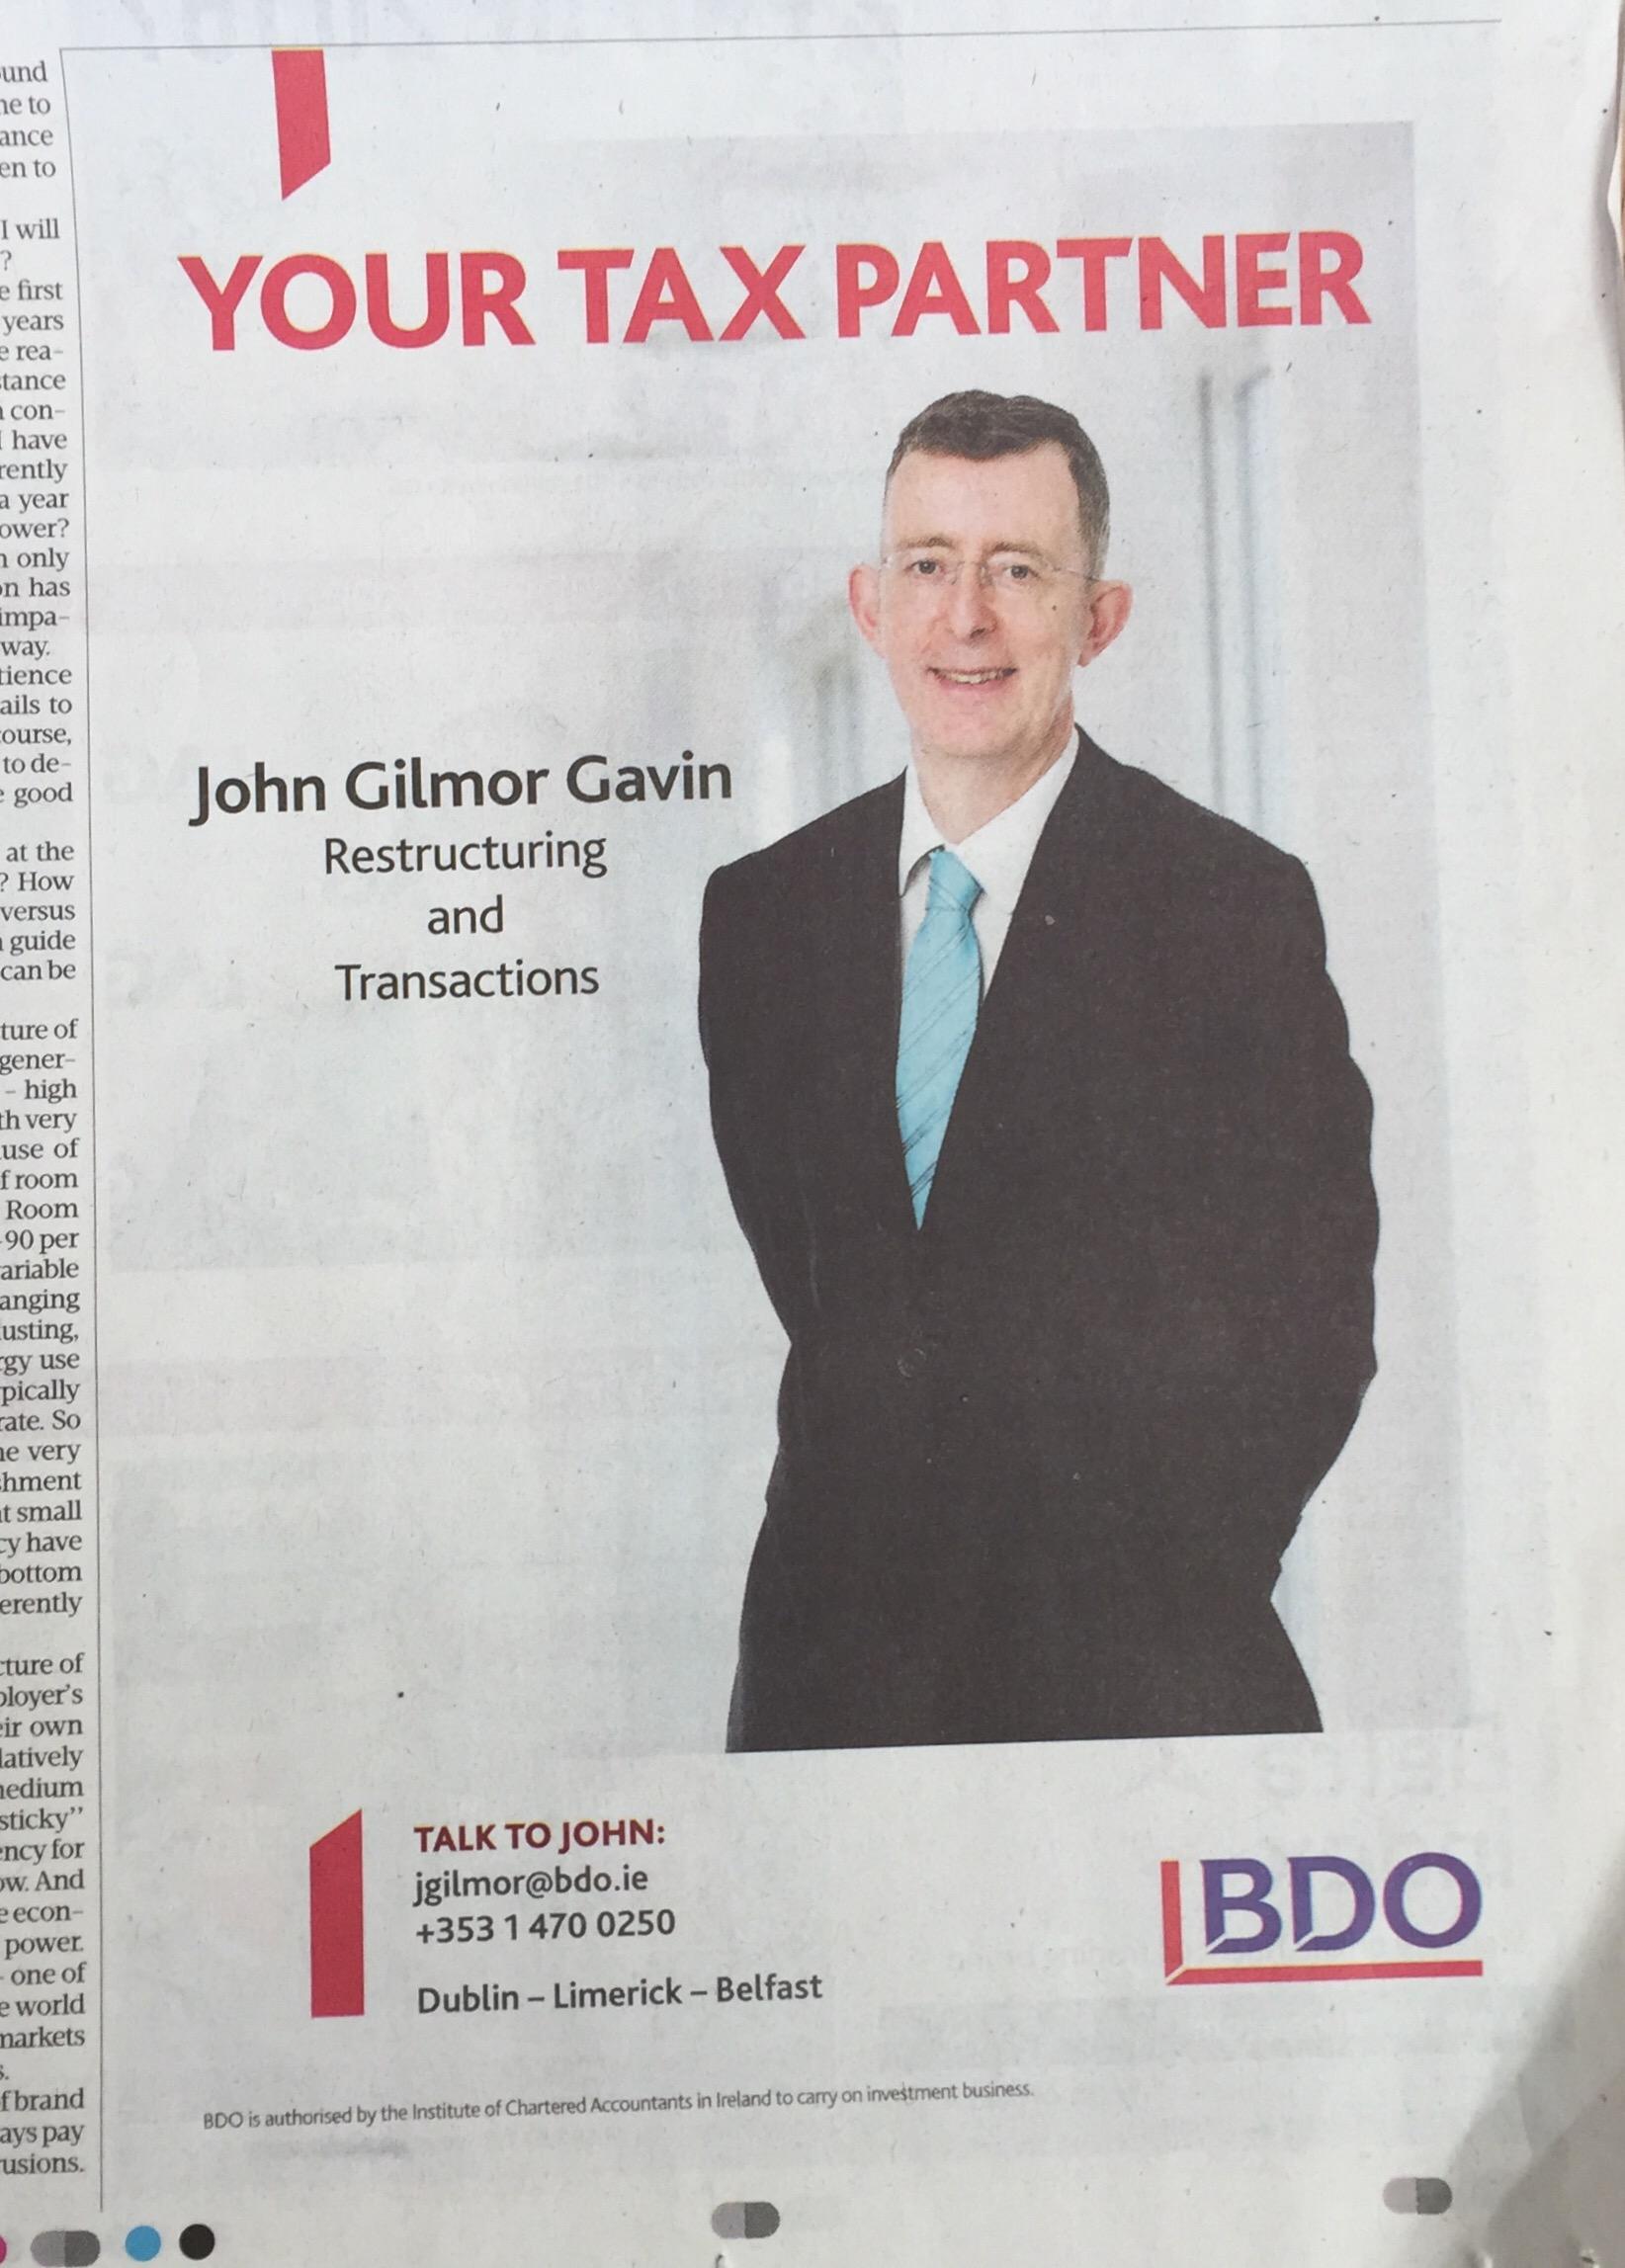 Bdo – your tax partner